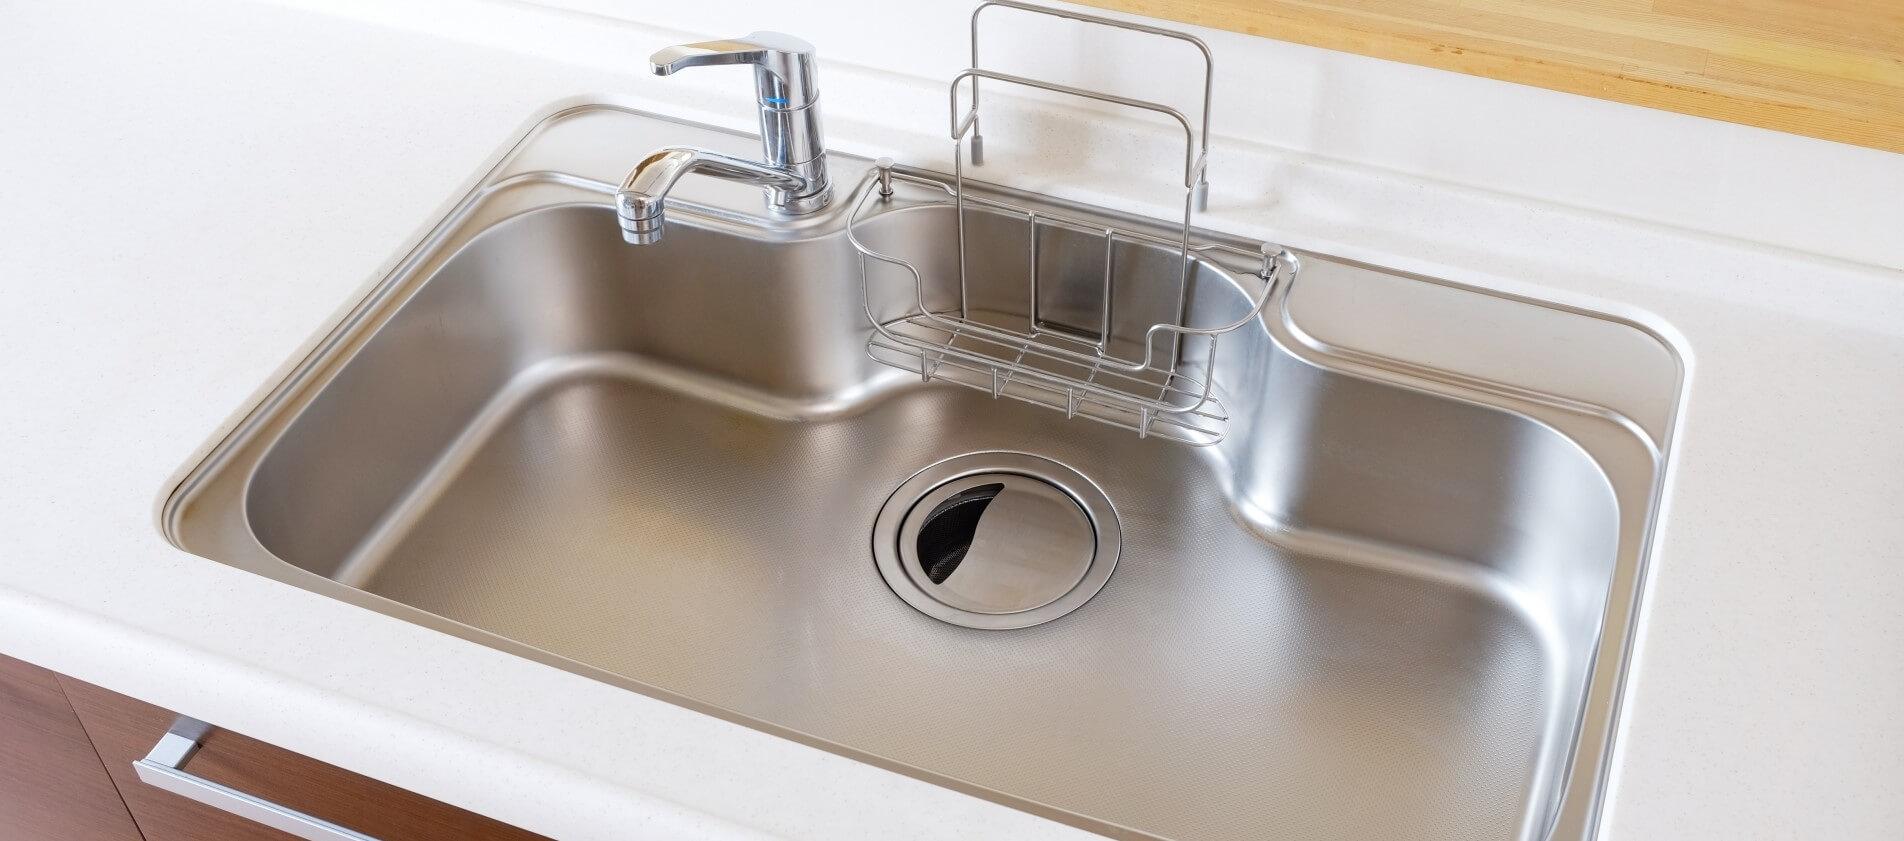 キッチンの水漏れ、つまりなど水まわりのトラブルはザットマンにお任せください